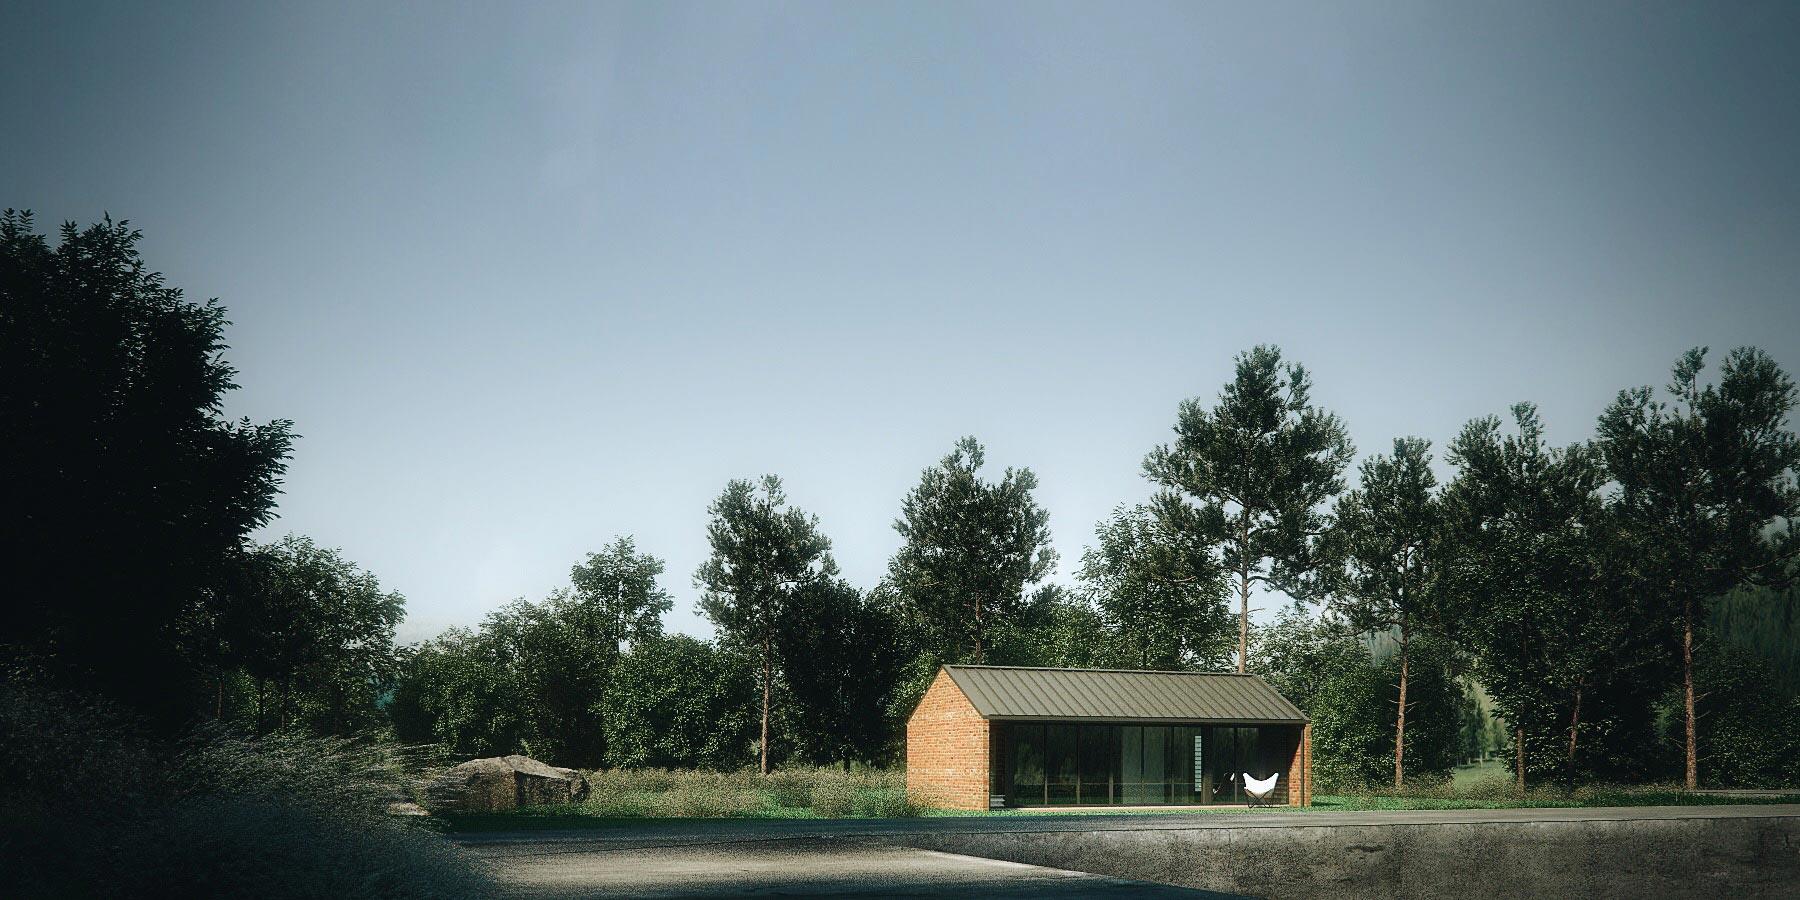 Archibungalows - Brick Gabled Option